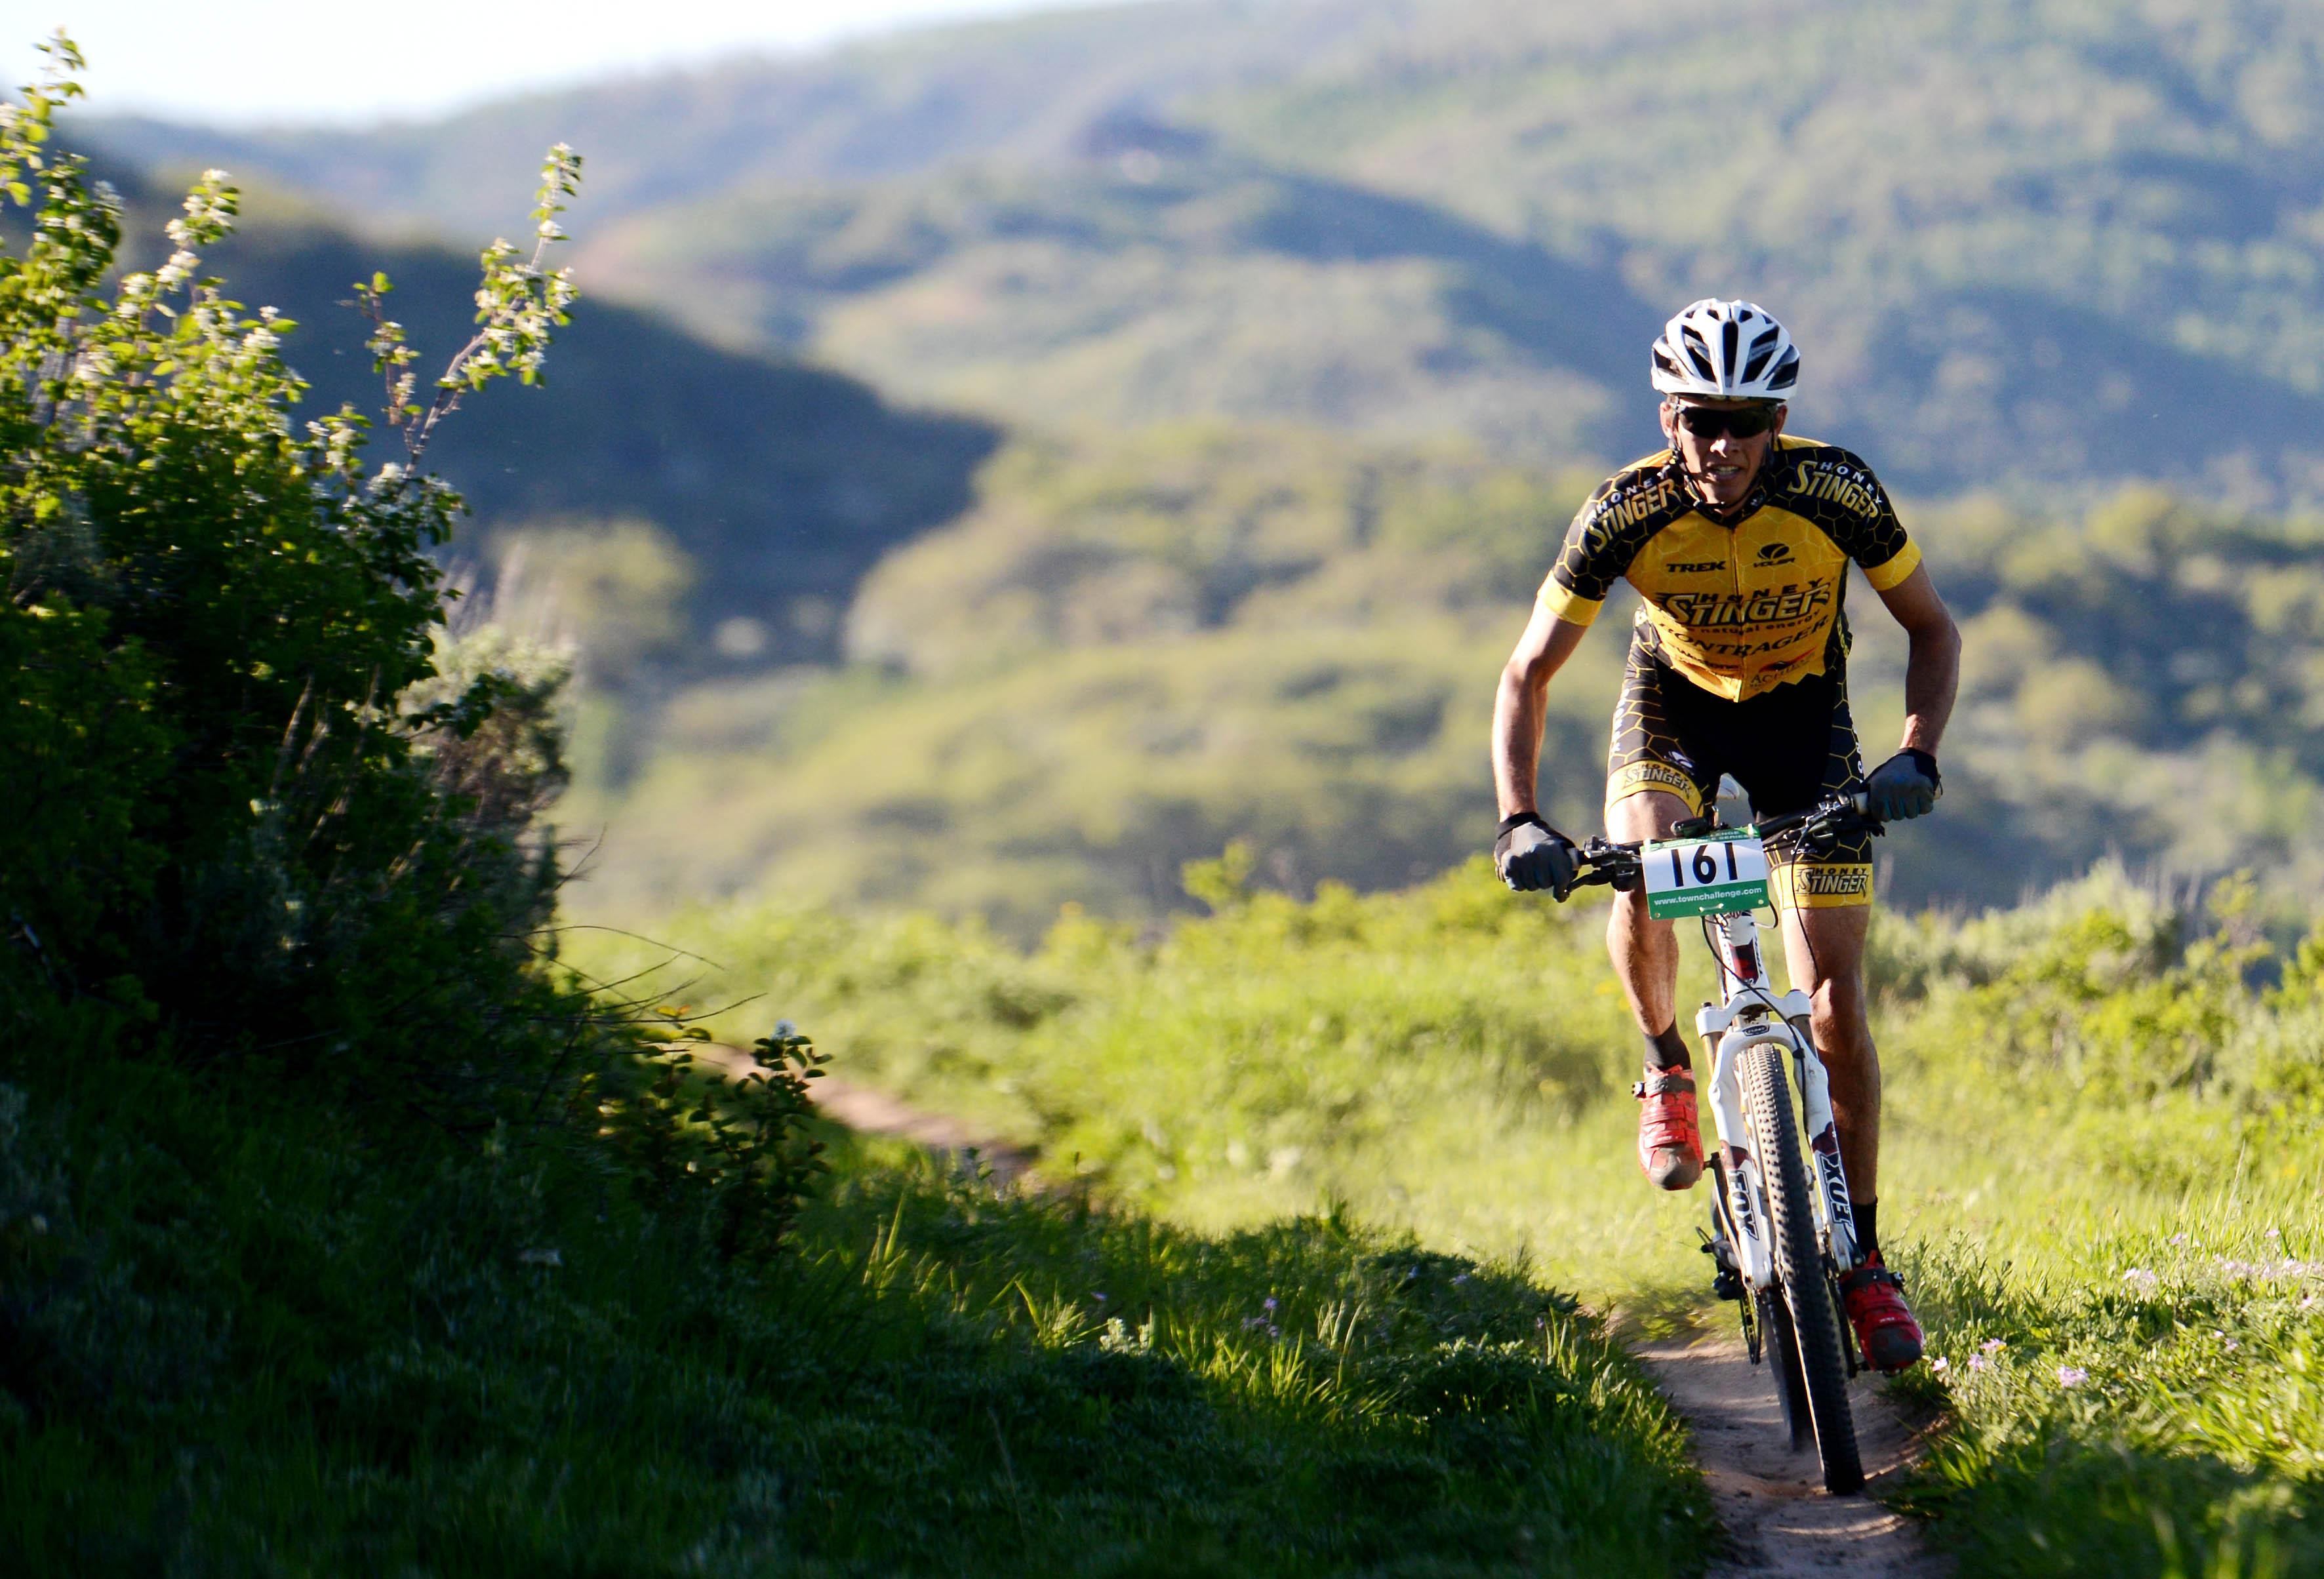 070914_Biking